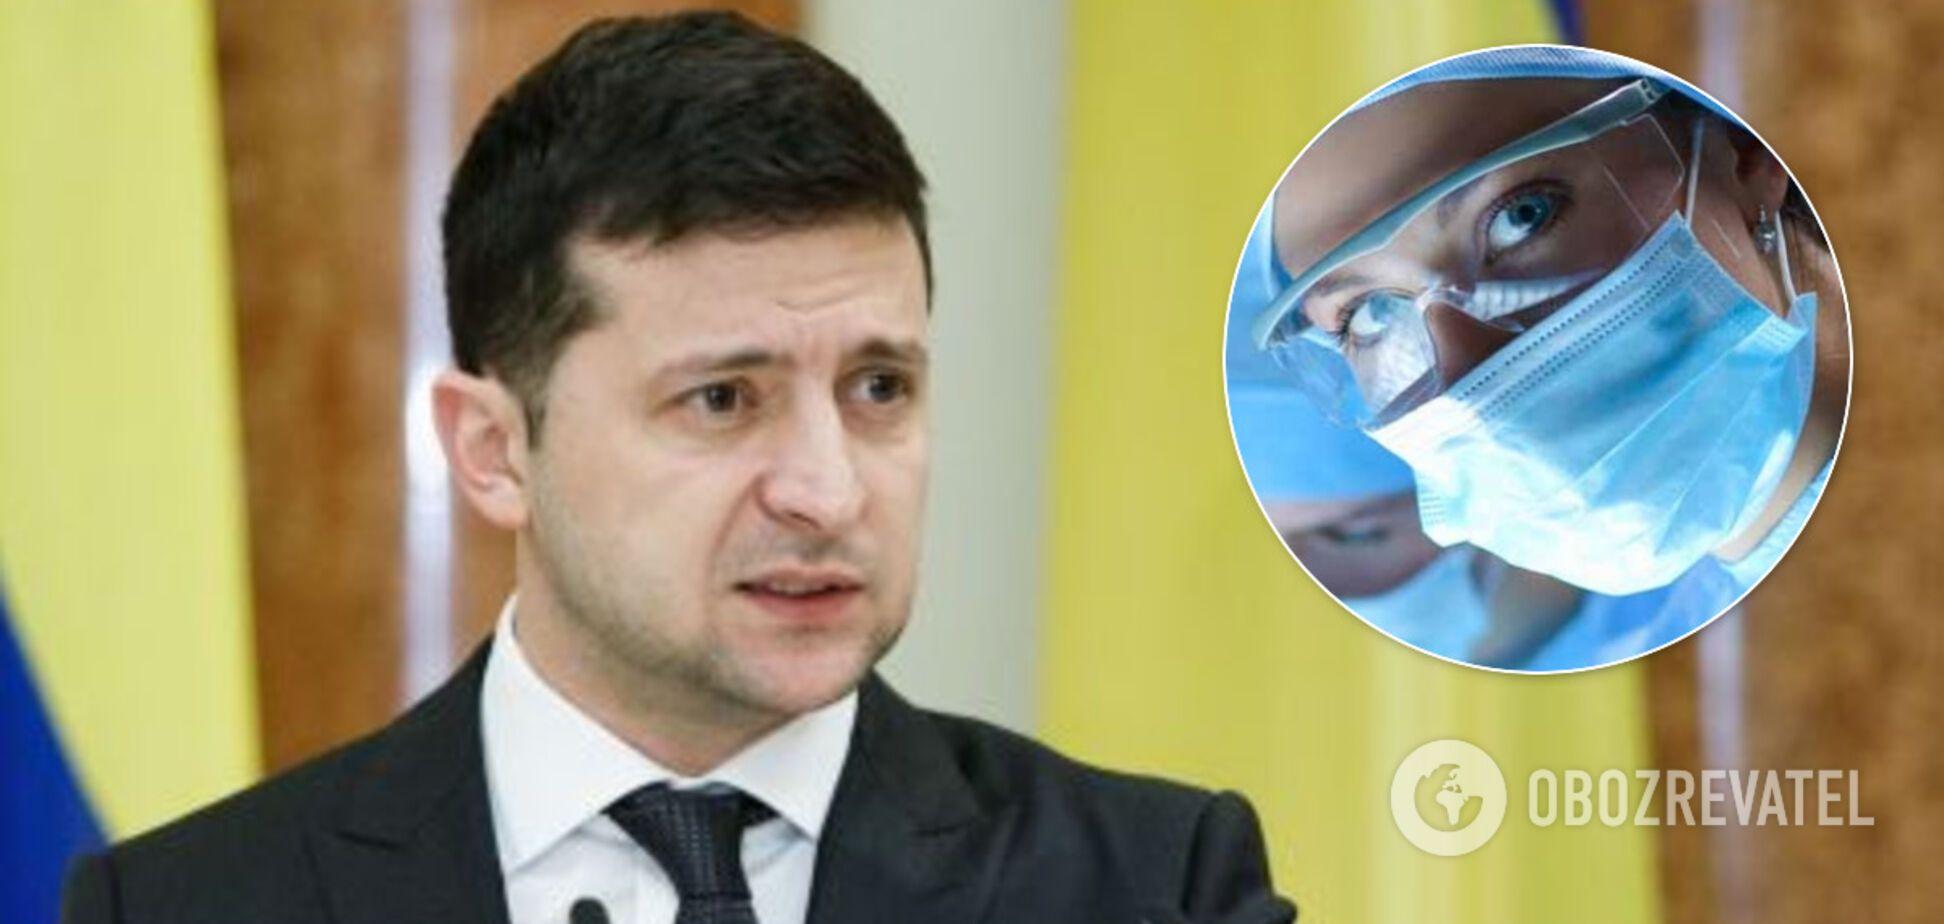 Зеленський віддасть медицину в Україні 'колегії видатних лікарів'